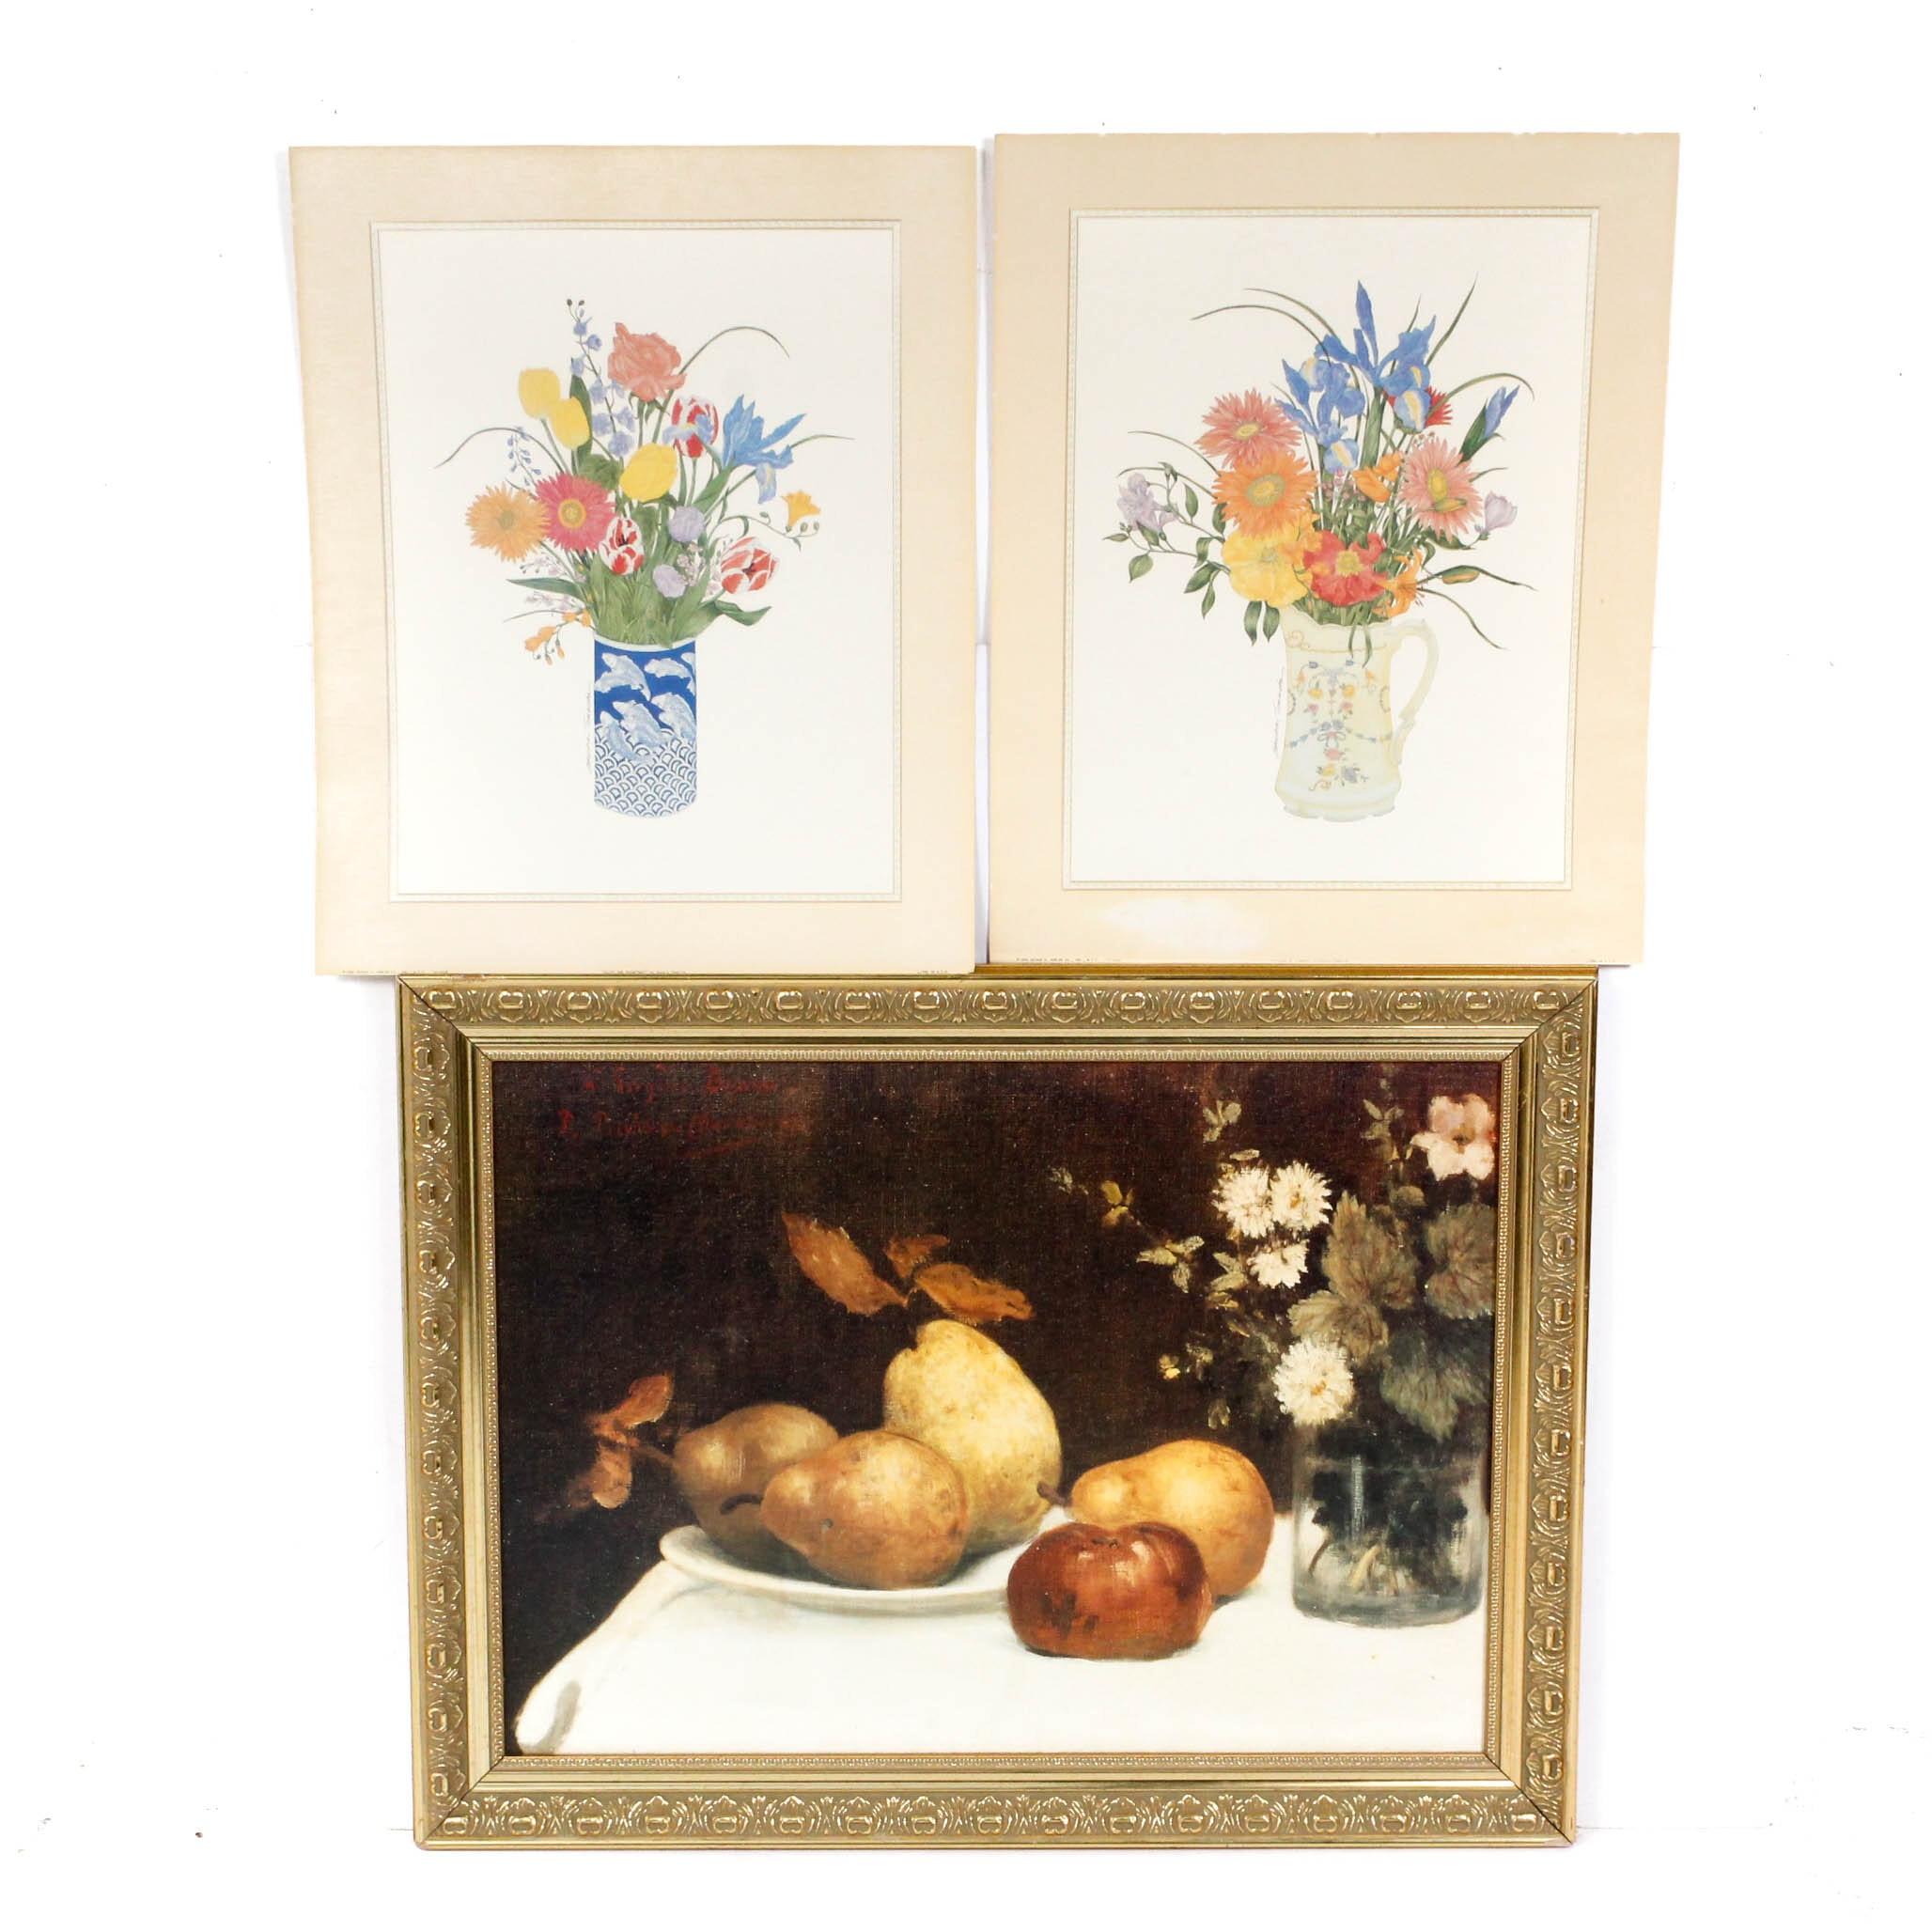 Offset Lithographs of Still Life Arrangements